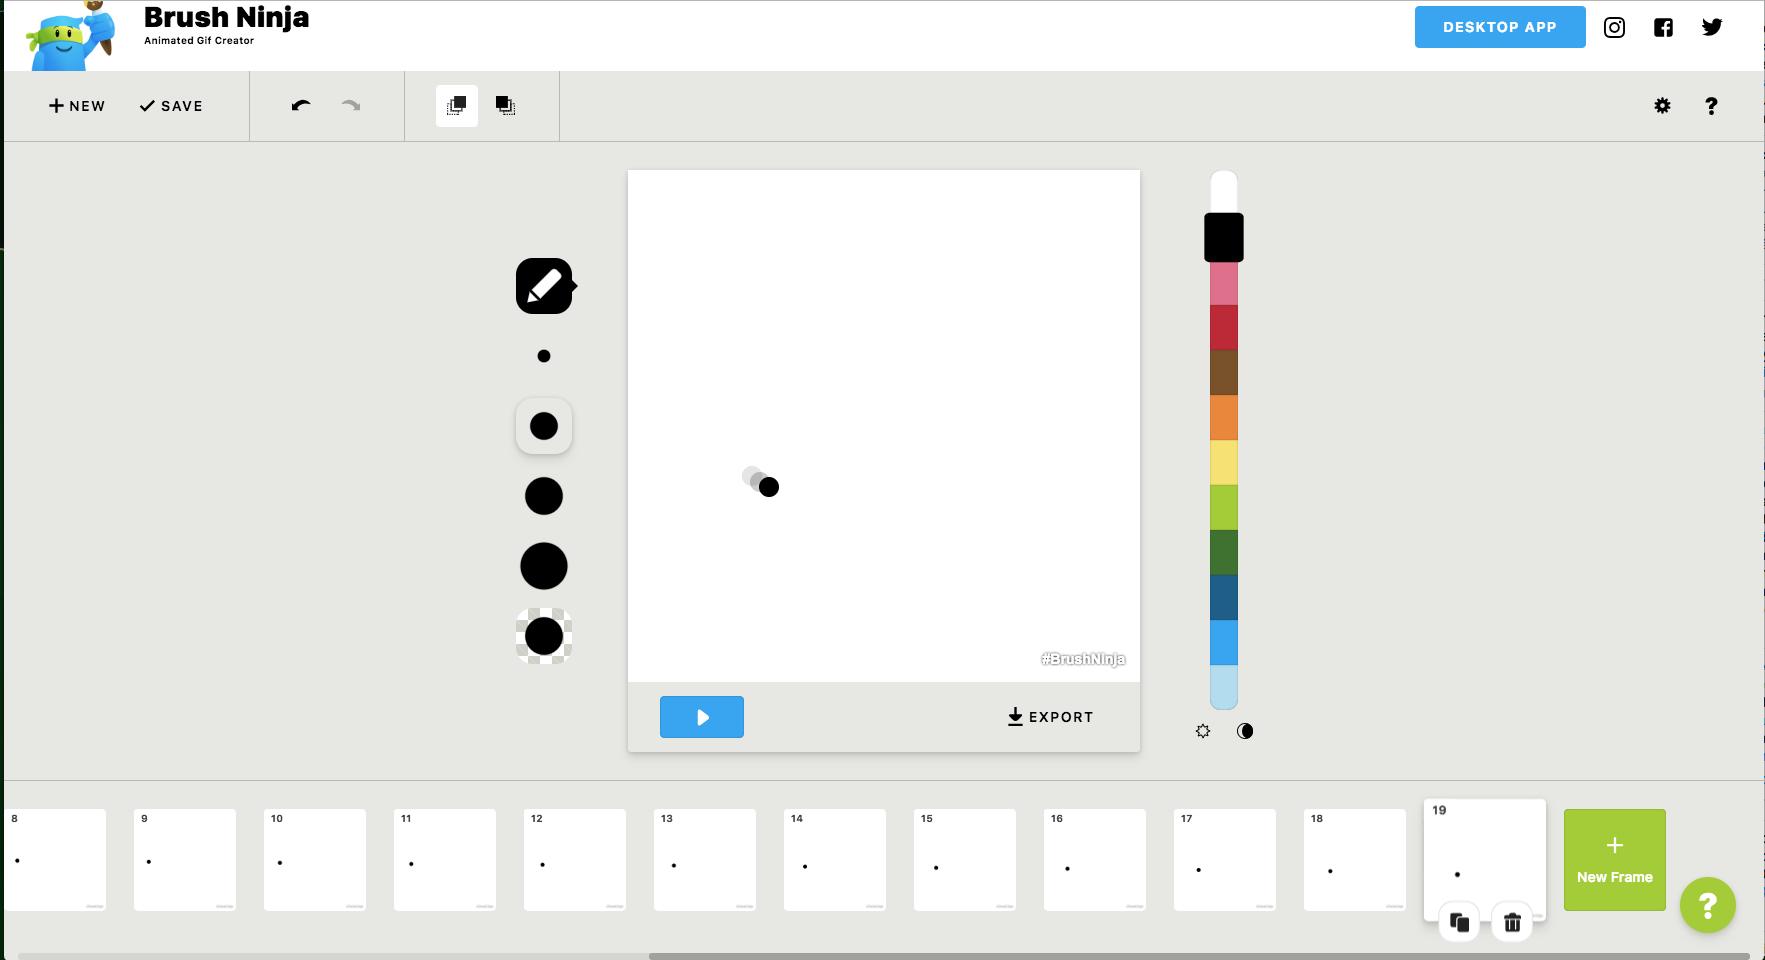 Brush ninja: créez vos gifs animés en dessinant et initiez vous à l'animation image par image